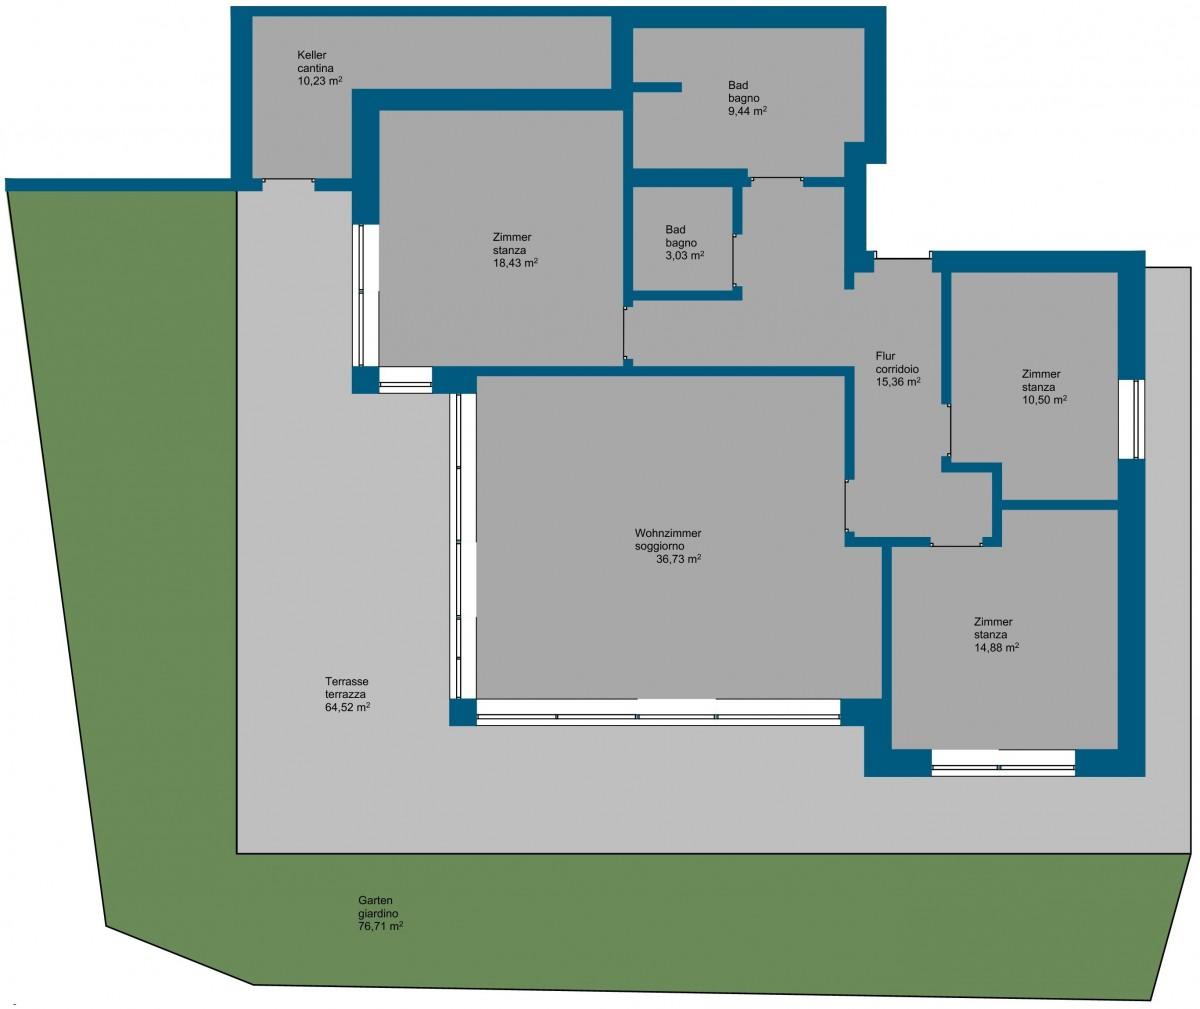 Mals - Neue 4-Zimmer Wohnung mit Garten in sonniger Lage!